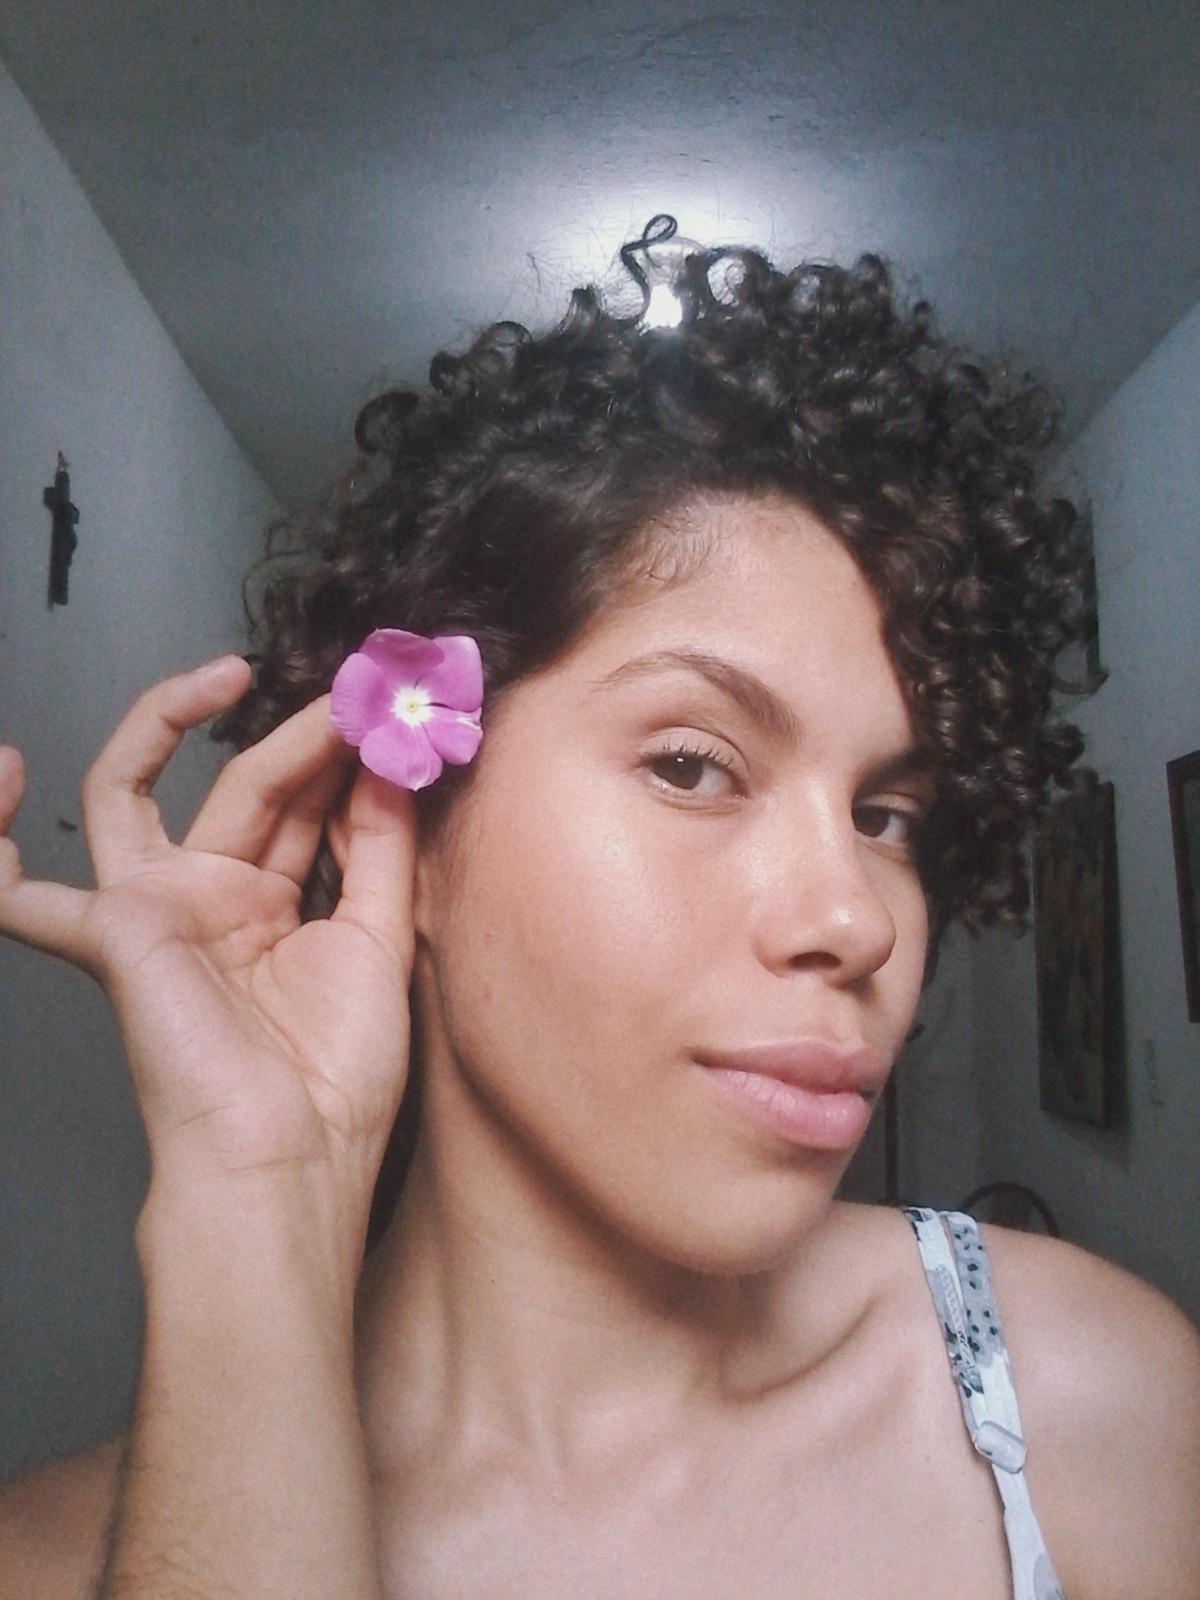 TRANSIÇÃO CAPILAR: DICAS DE COMO PASSAR PELA TRANSIÇÃO CAPILAR SEM ESTRESSE,Kahena kévya, kahena, cabelos cacheados e crespos, cabelo cacheado, transição capilar, big chop, blog kahchear - muito além de cachos!, hair, curls hair, cabelo crespo, cachos, penteados para cabelos cacheados e crespos, penteados para os cachos, penteados para cabelo cacheado, penteados para cabelo crespo,